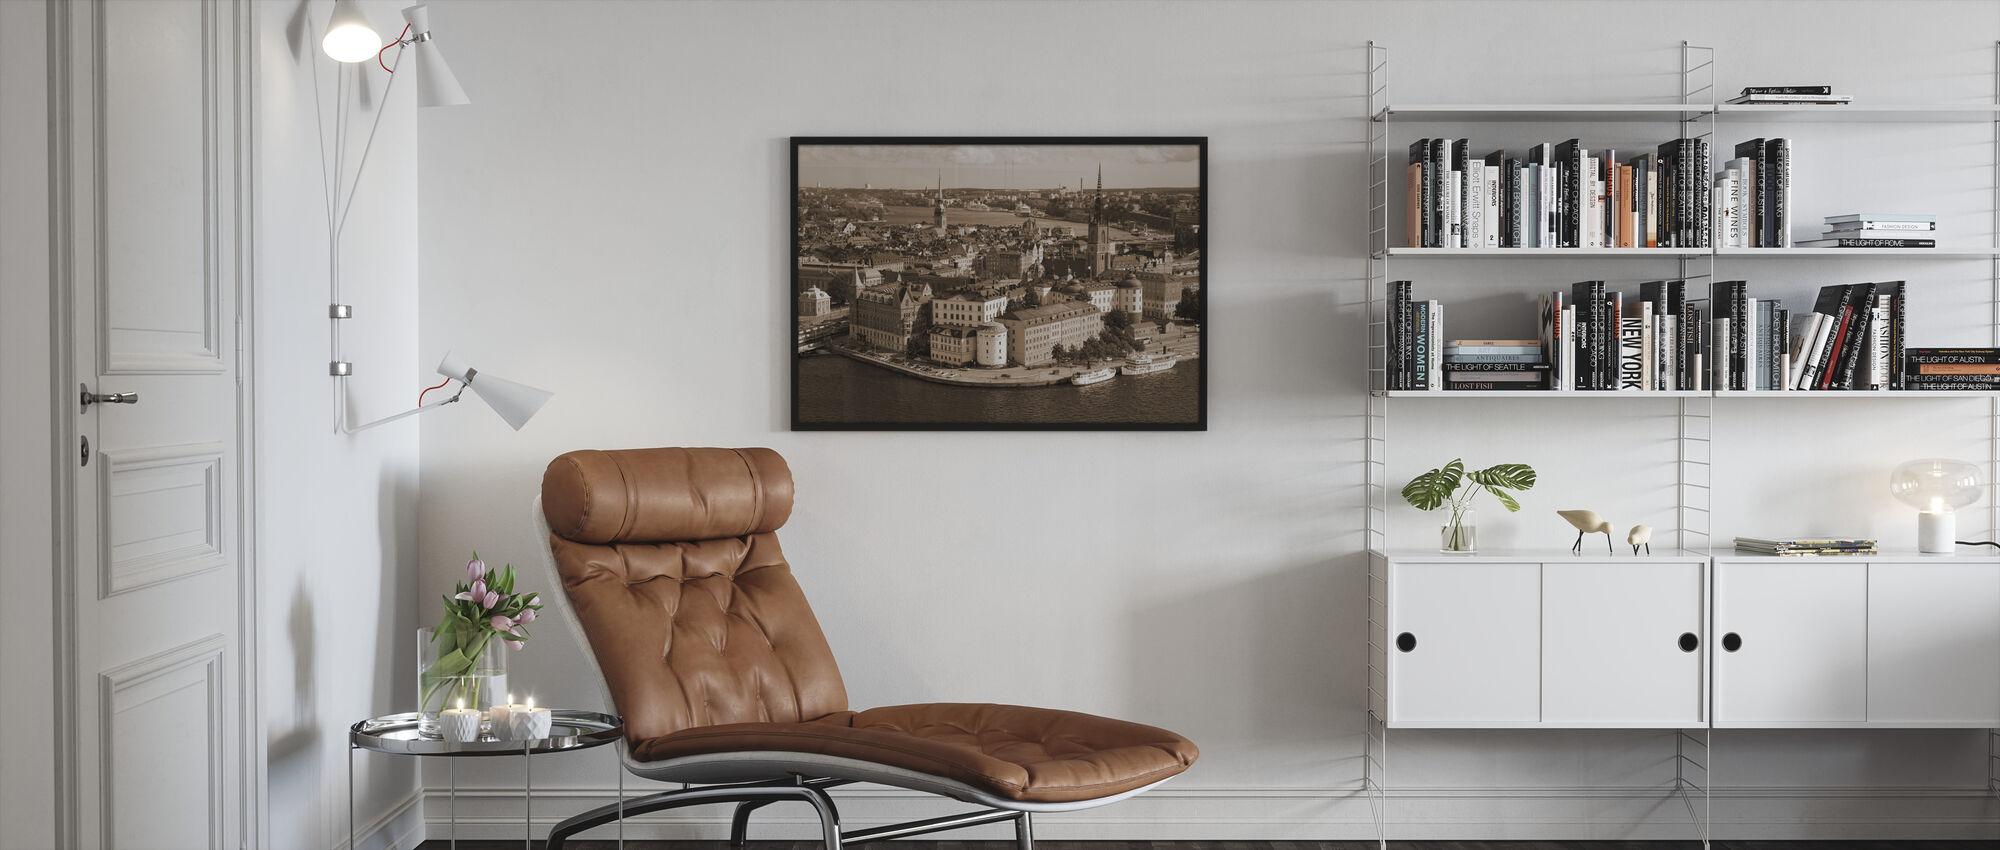 Stockholm in Sunlight - Framed print - Living Room